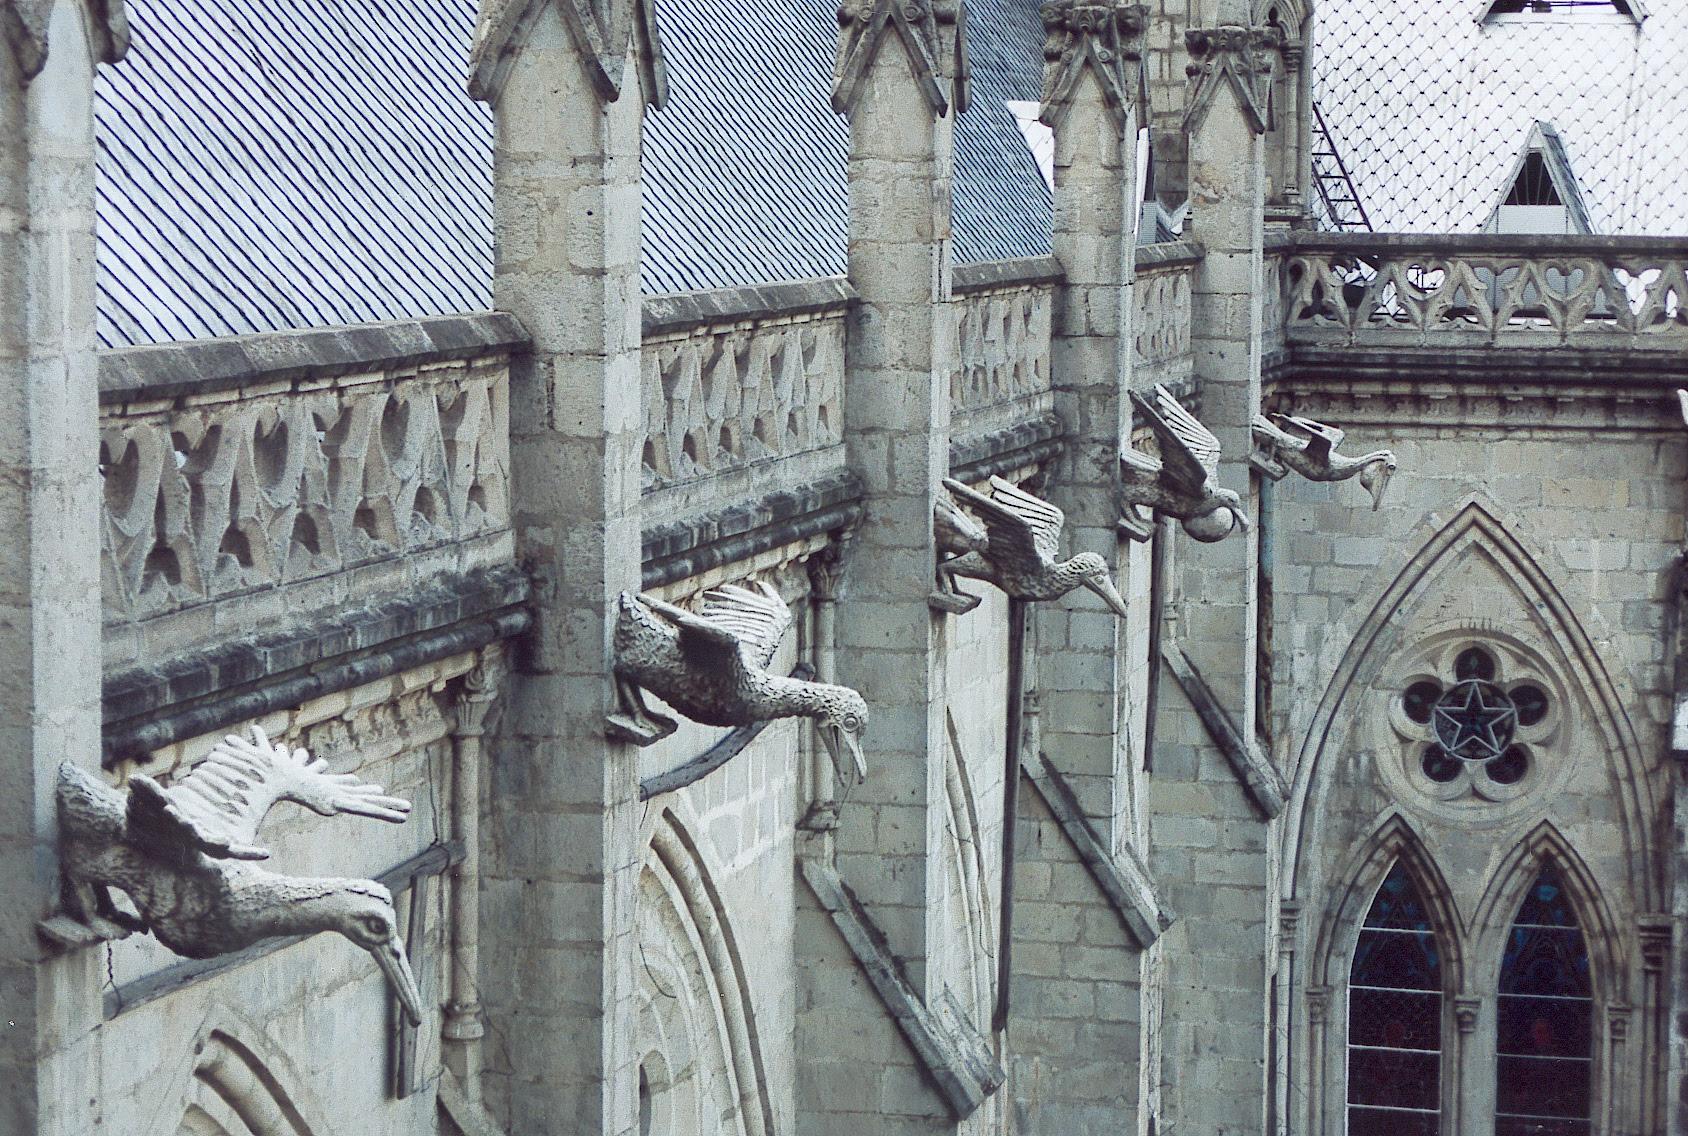 external image Ecuador_gargoyles_quito_cathedral.jpg